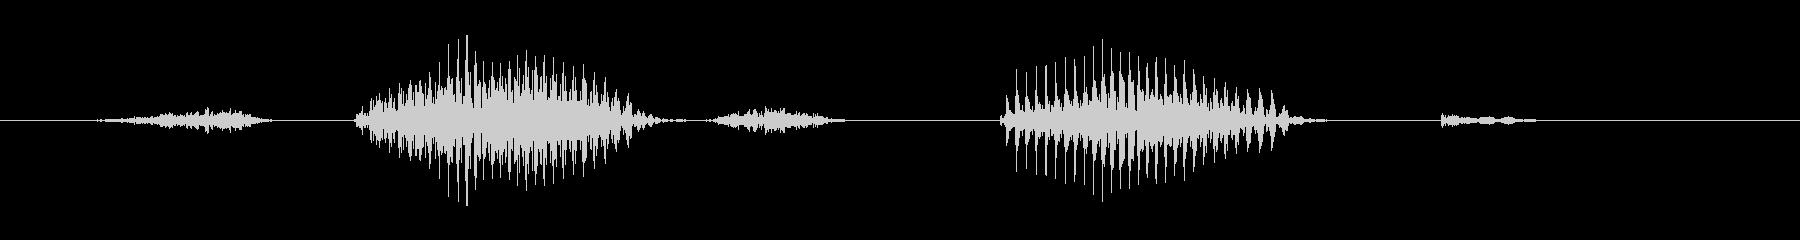 ステージ8(えいと)の未再生の波形